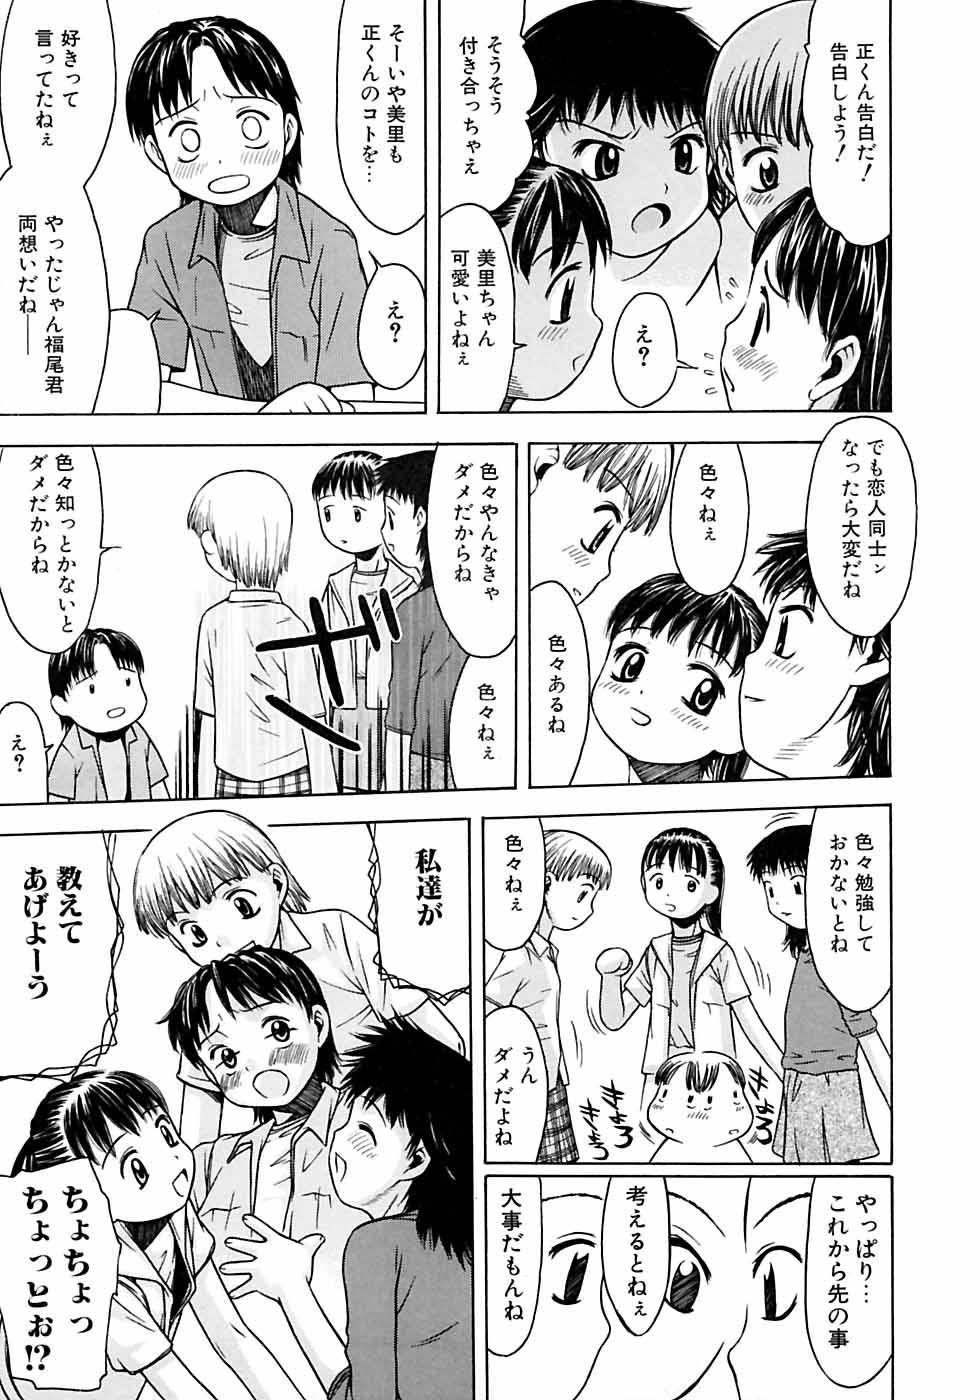 Ikenai Shounen Yuugi 2 24